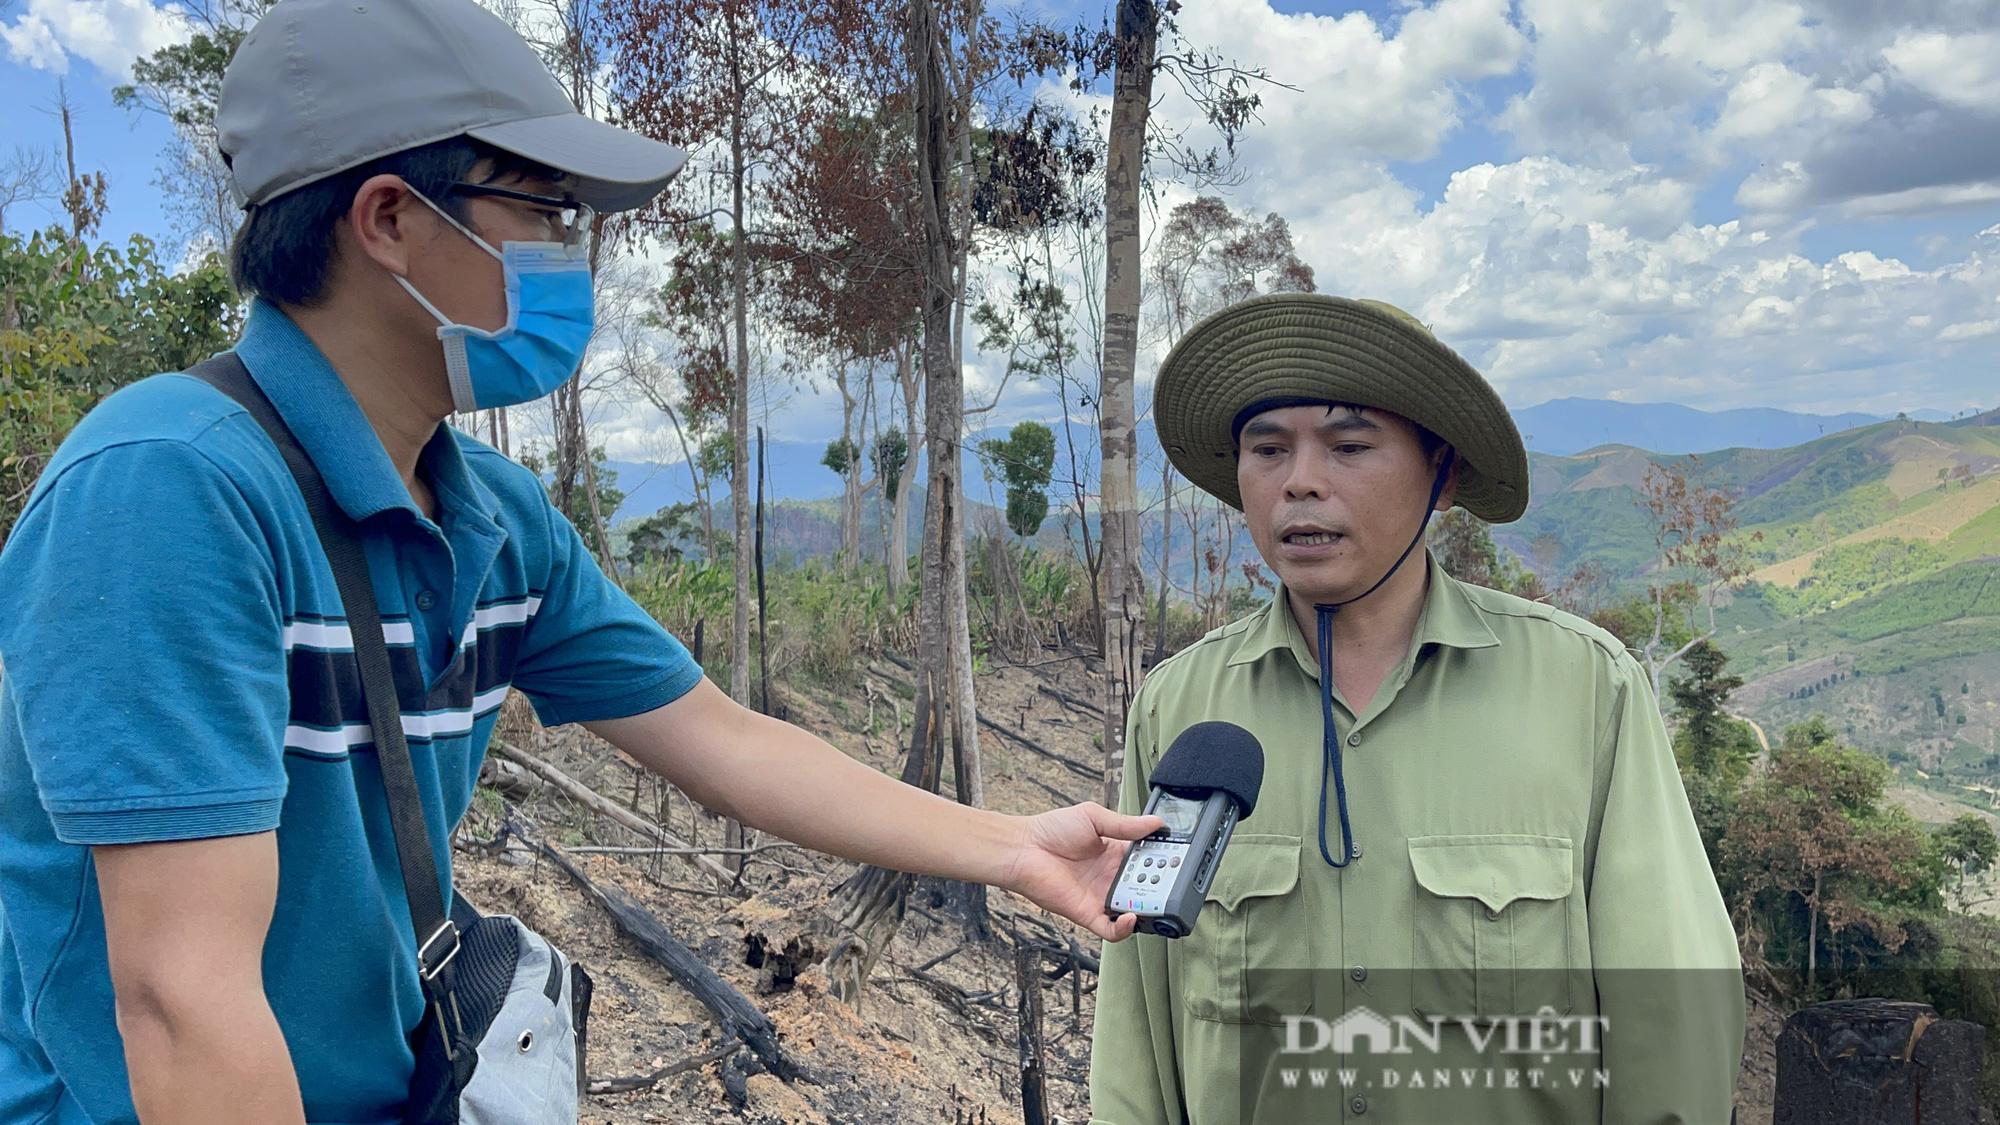 Công ty lâm nghiệp Krông Bông (Đắk Lắk): Rừng bị phá tan hoang, lãnh đạo mất đoàn kết  - Ảnh 3.